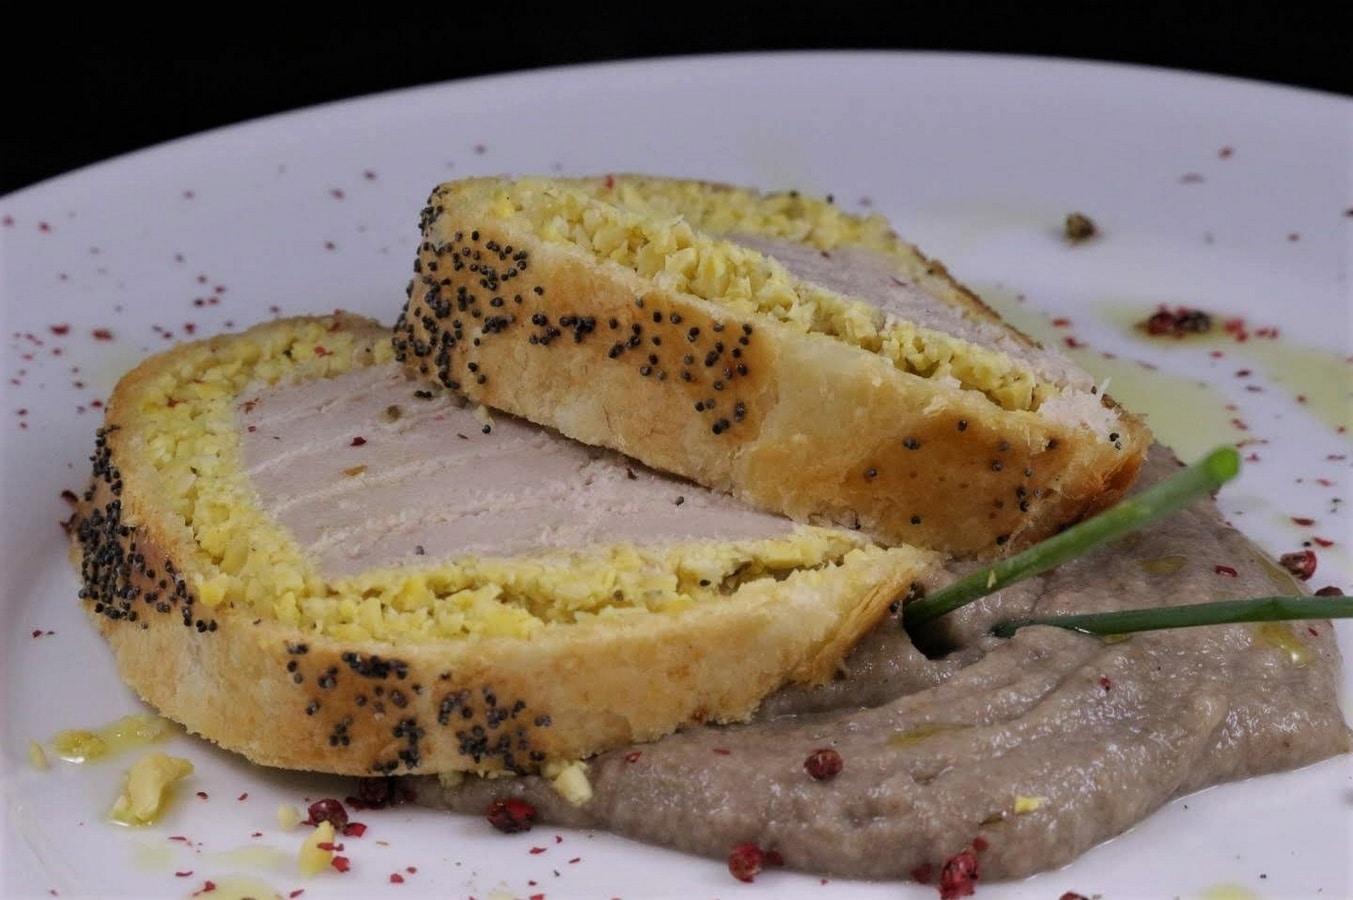 scuola di cucina a torino corso di cucina secondi piatti la palestra del cibo ricette secondi di carne secondi di pesce secondi vegetariani corsi professionali di cucina